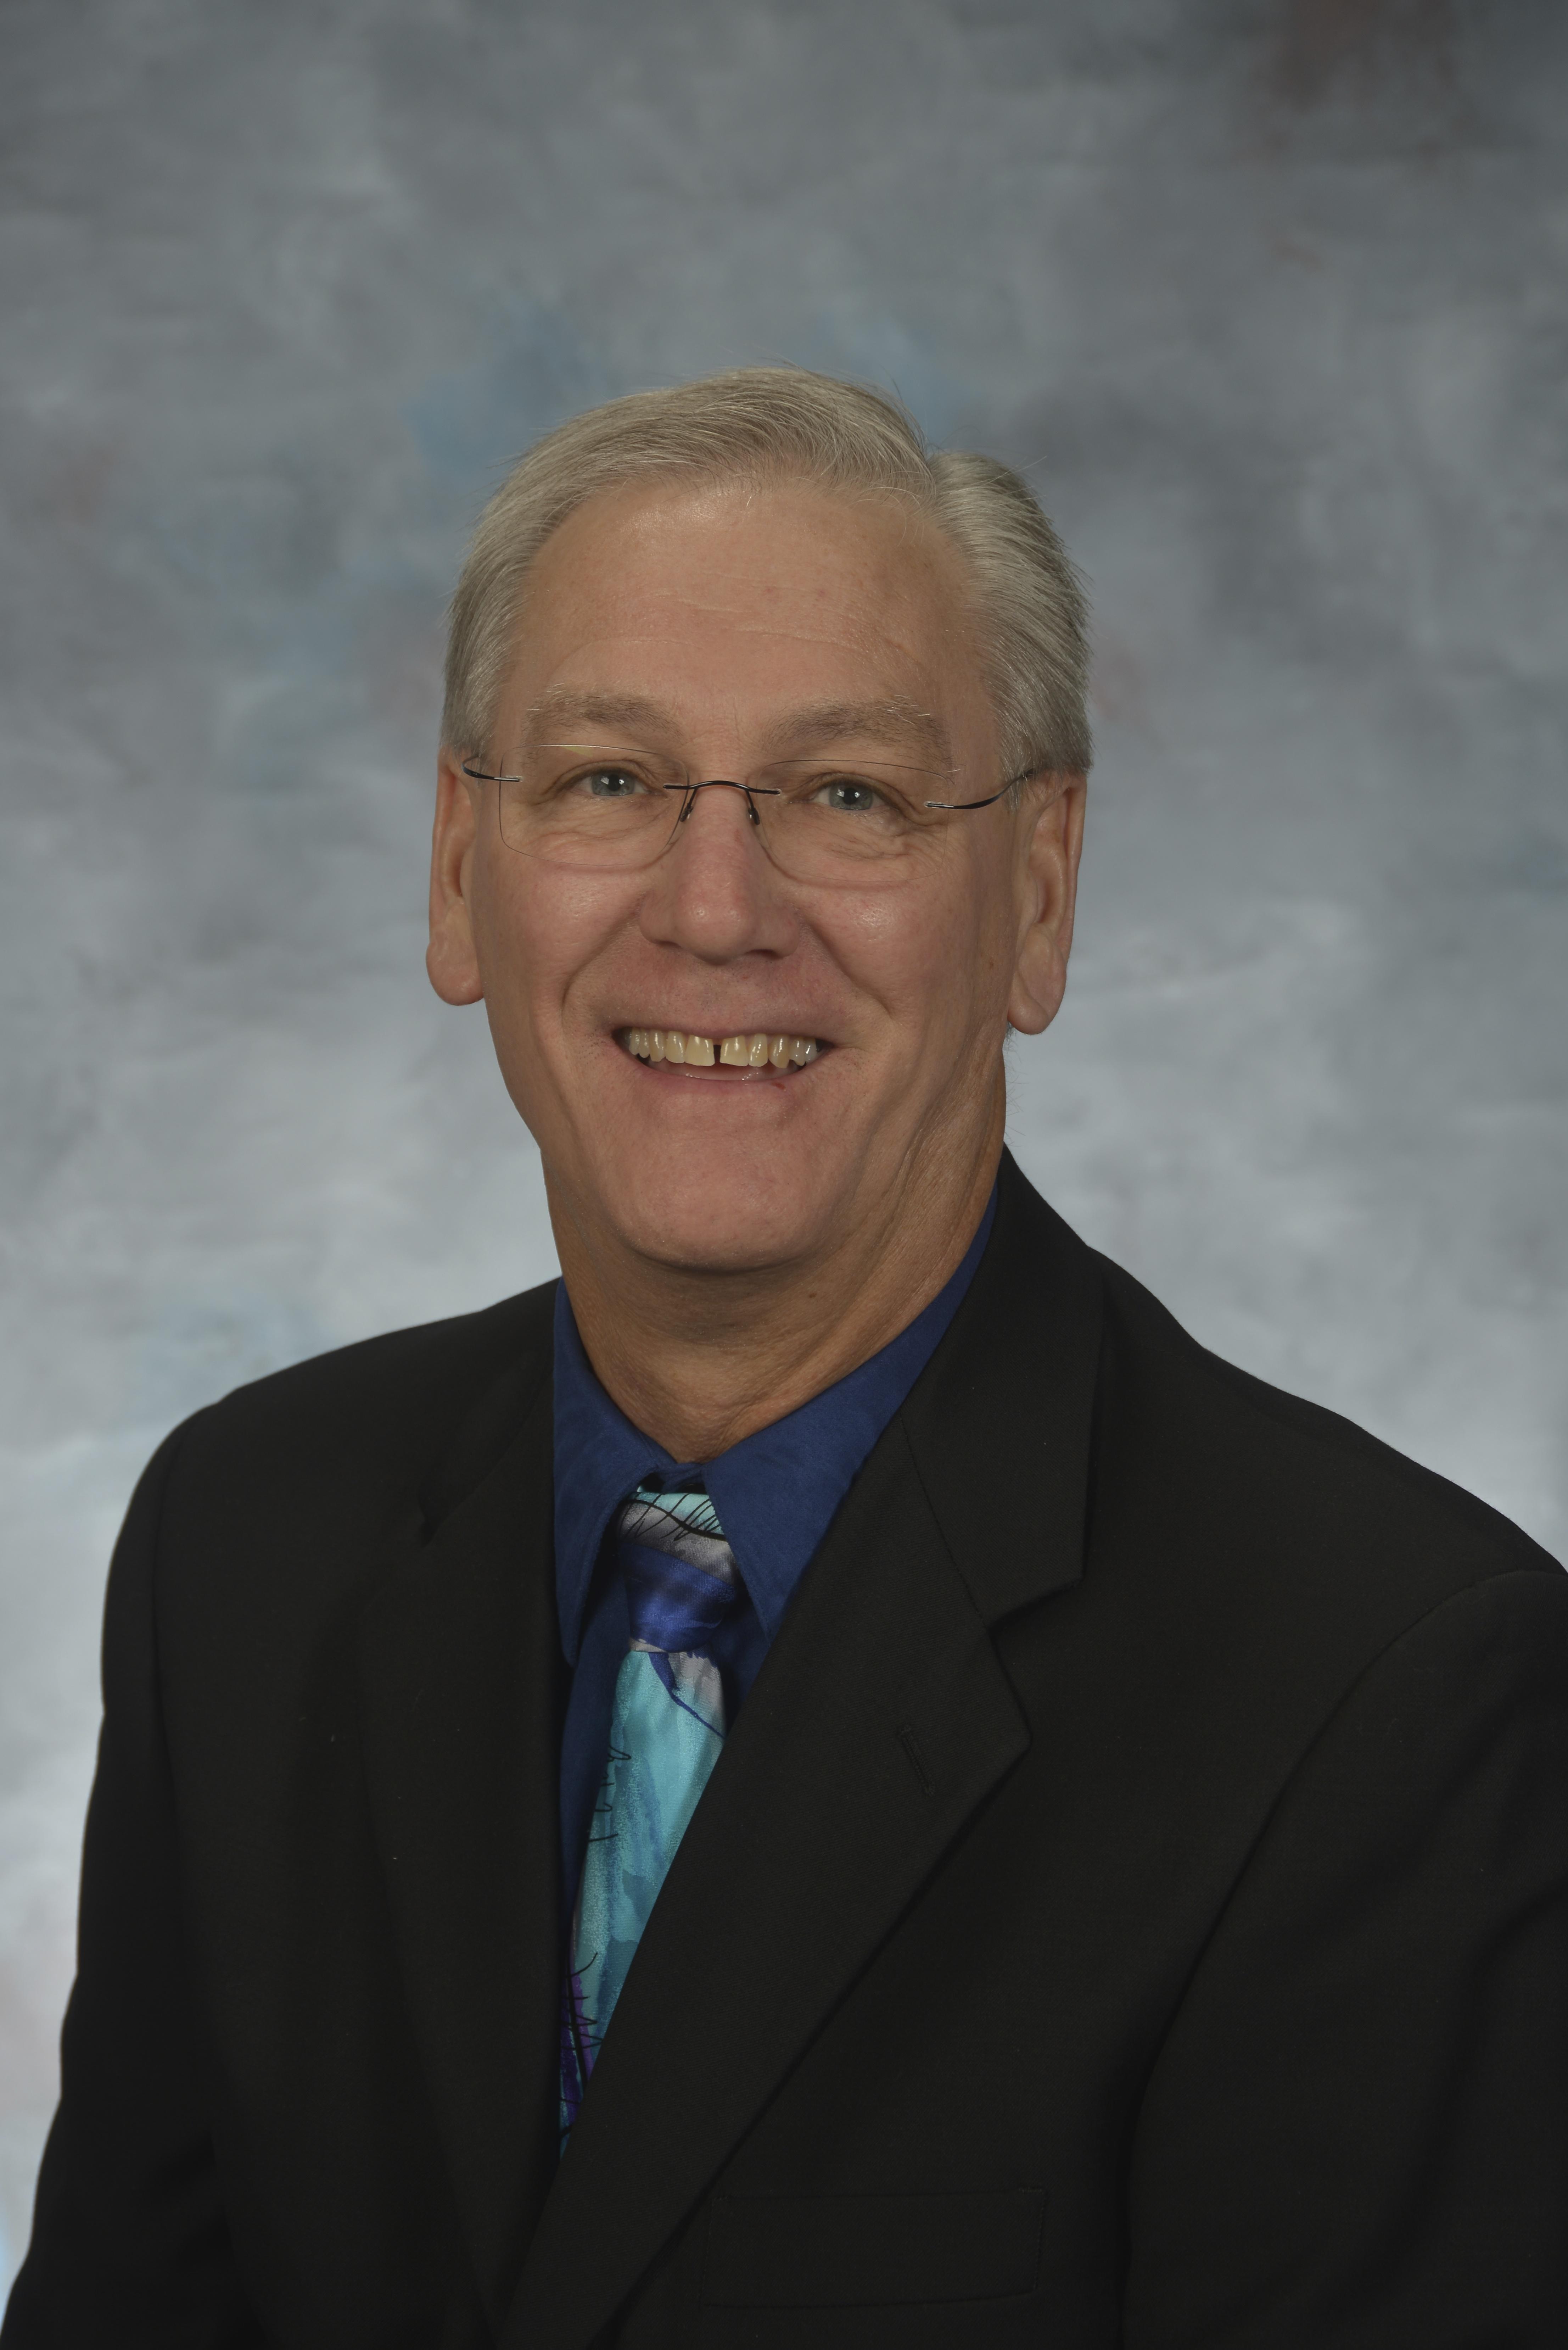 Patrick Hruby